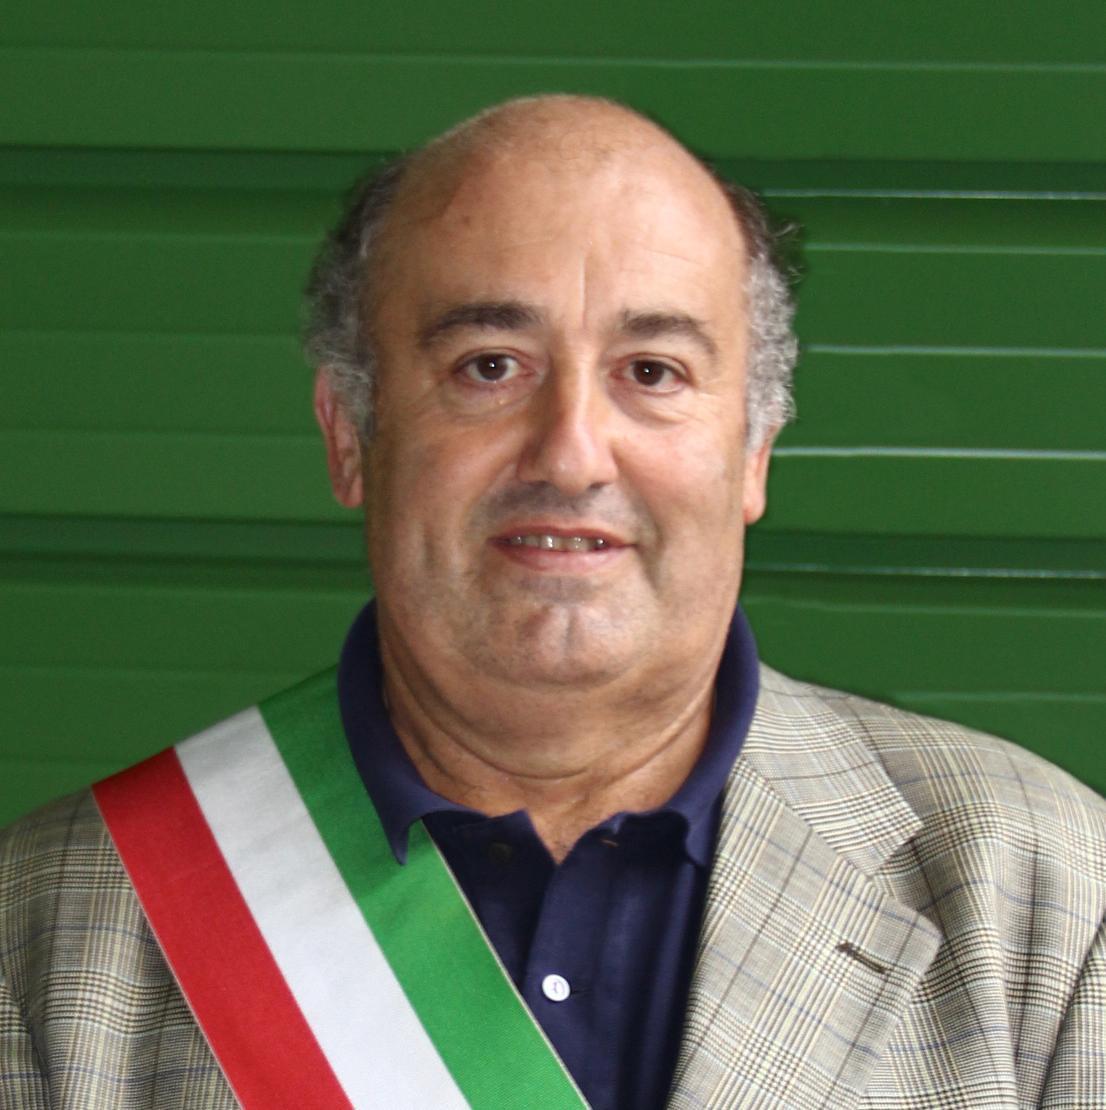 Morto il sindaco di Spoleto